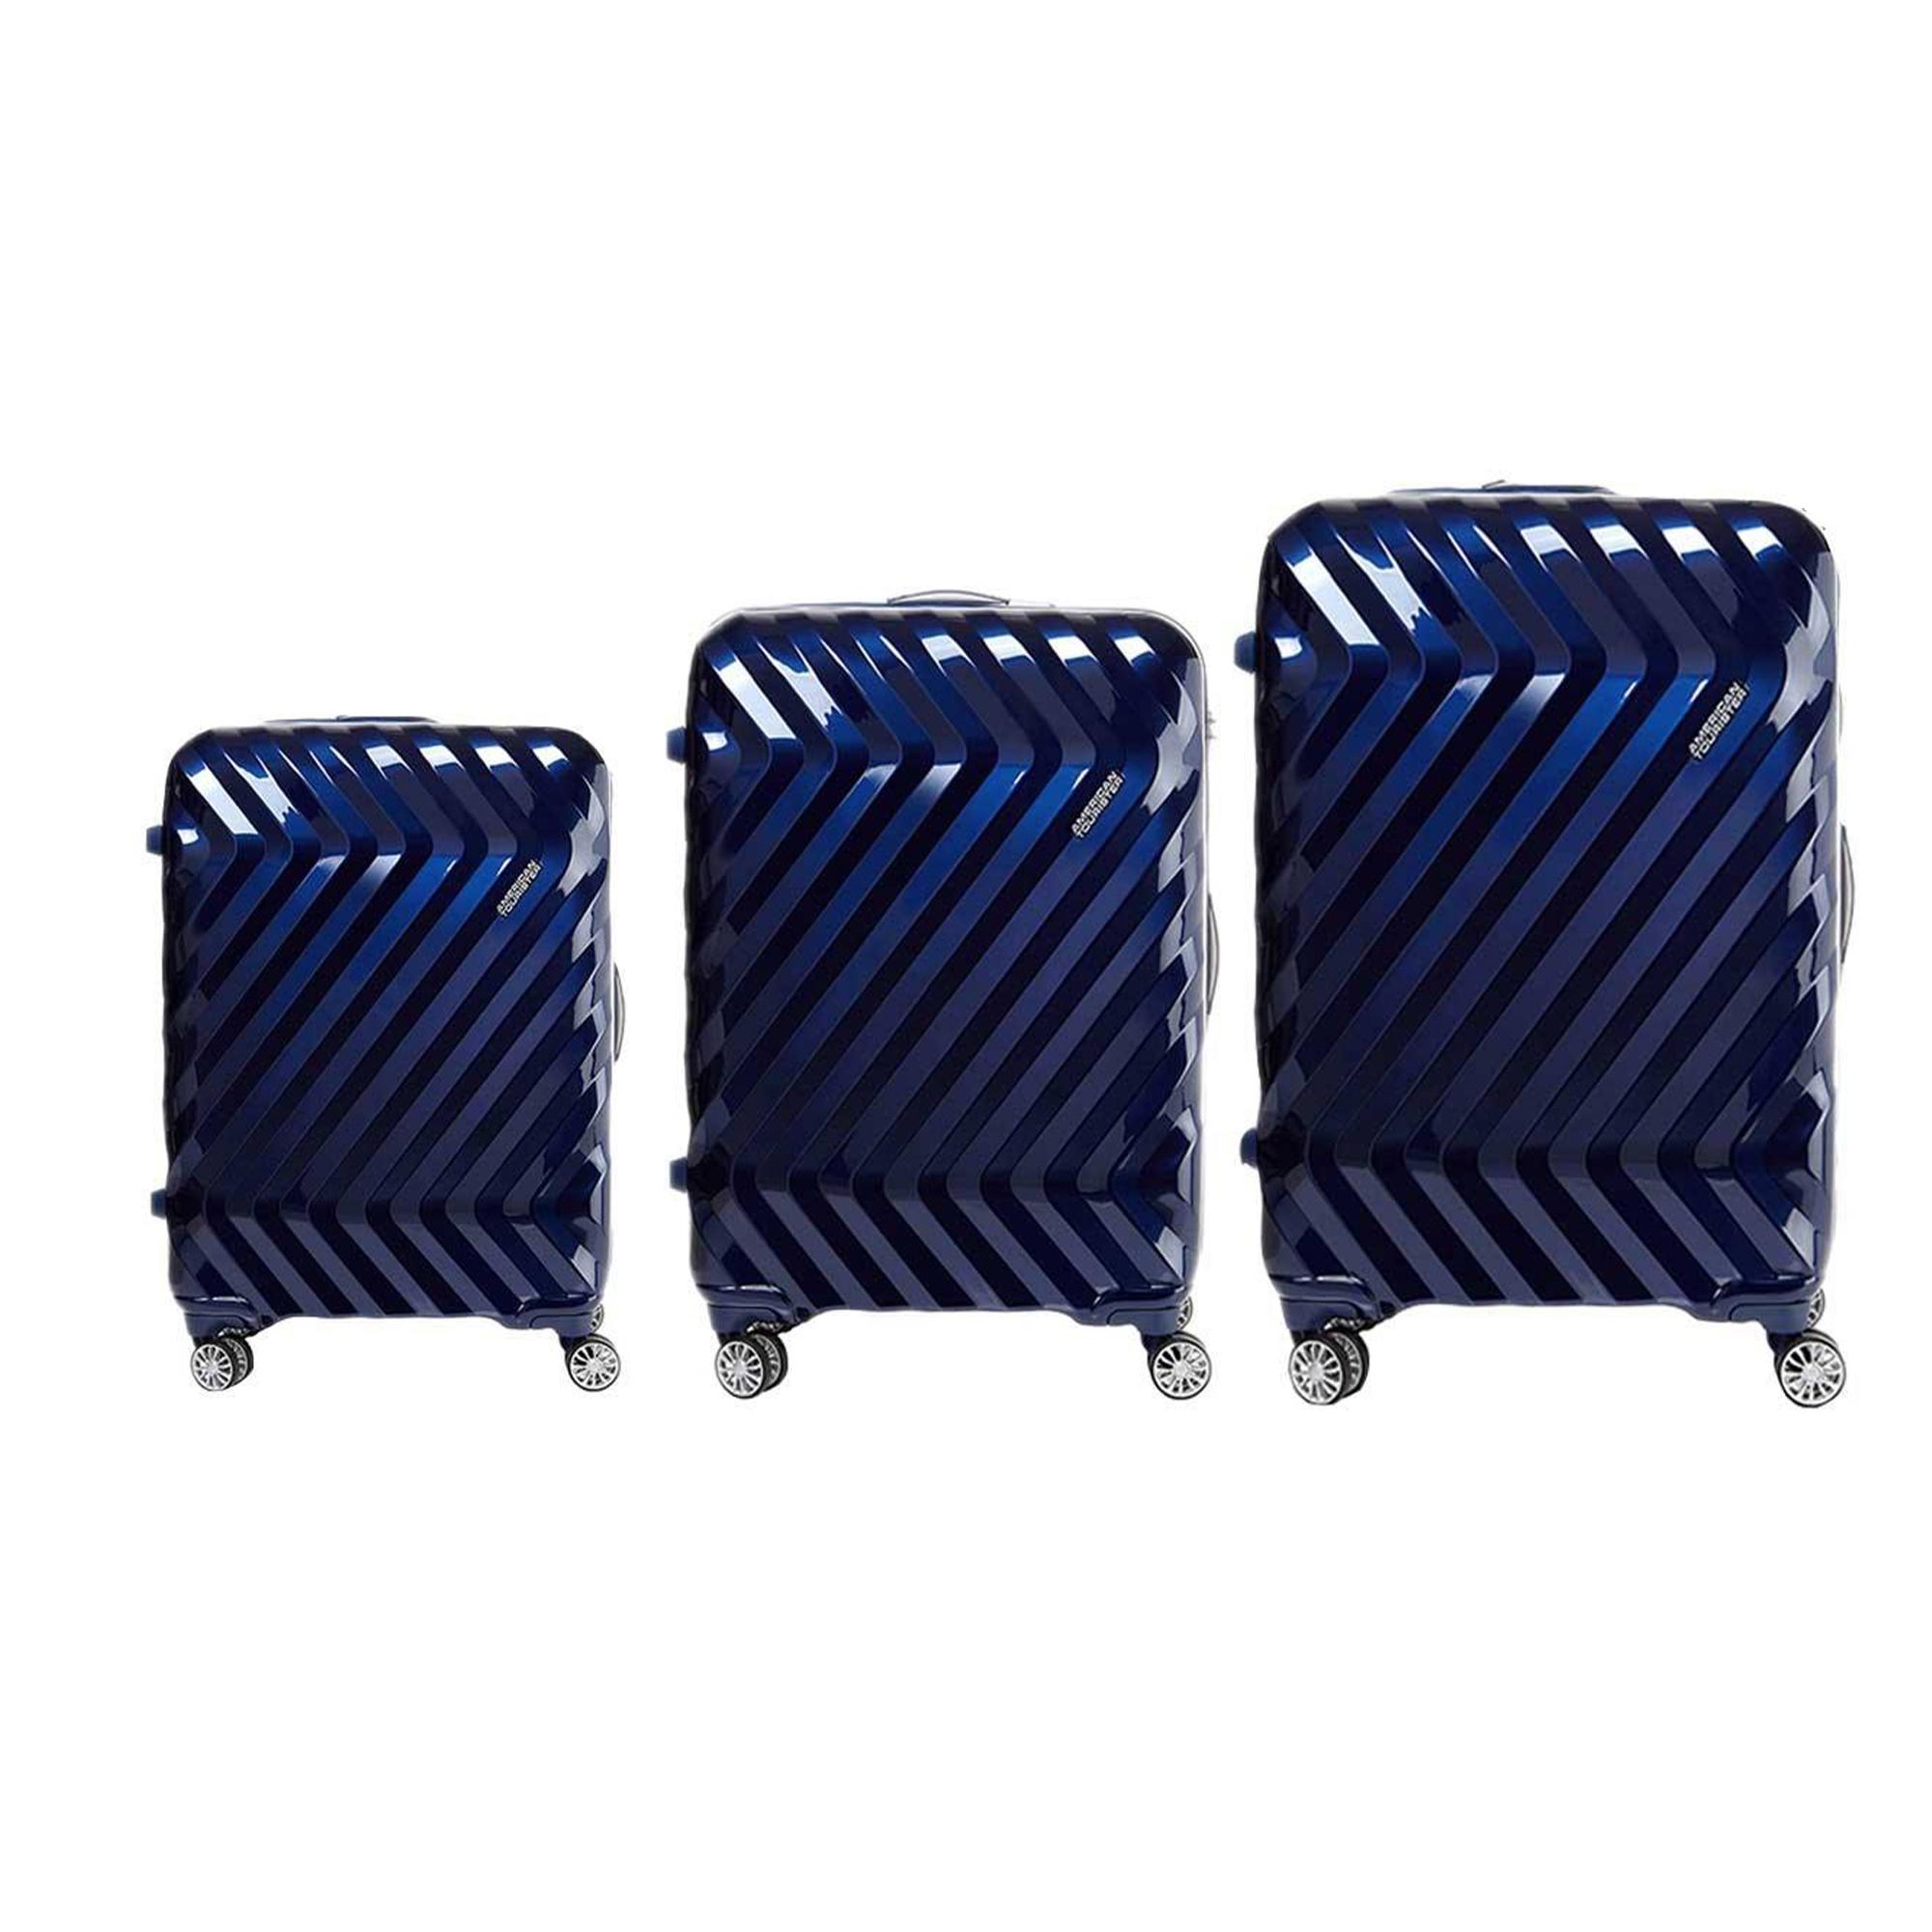 مجموعه سه عددی چمدان امریکن توریستر مدل zavis-I25